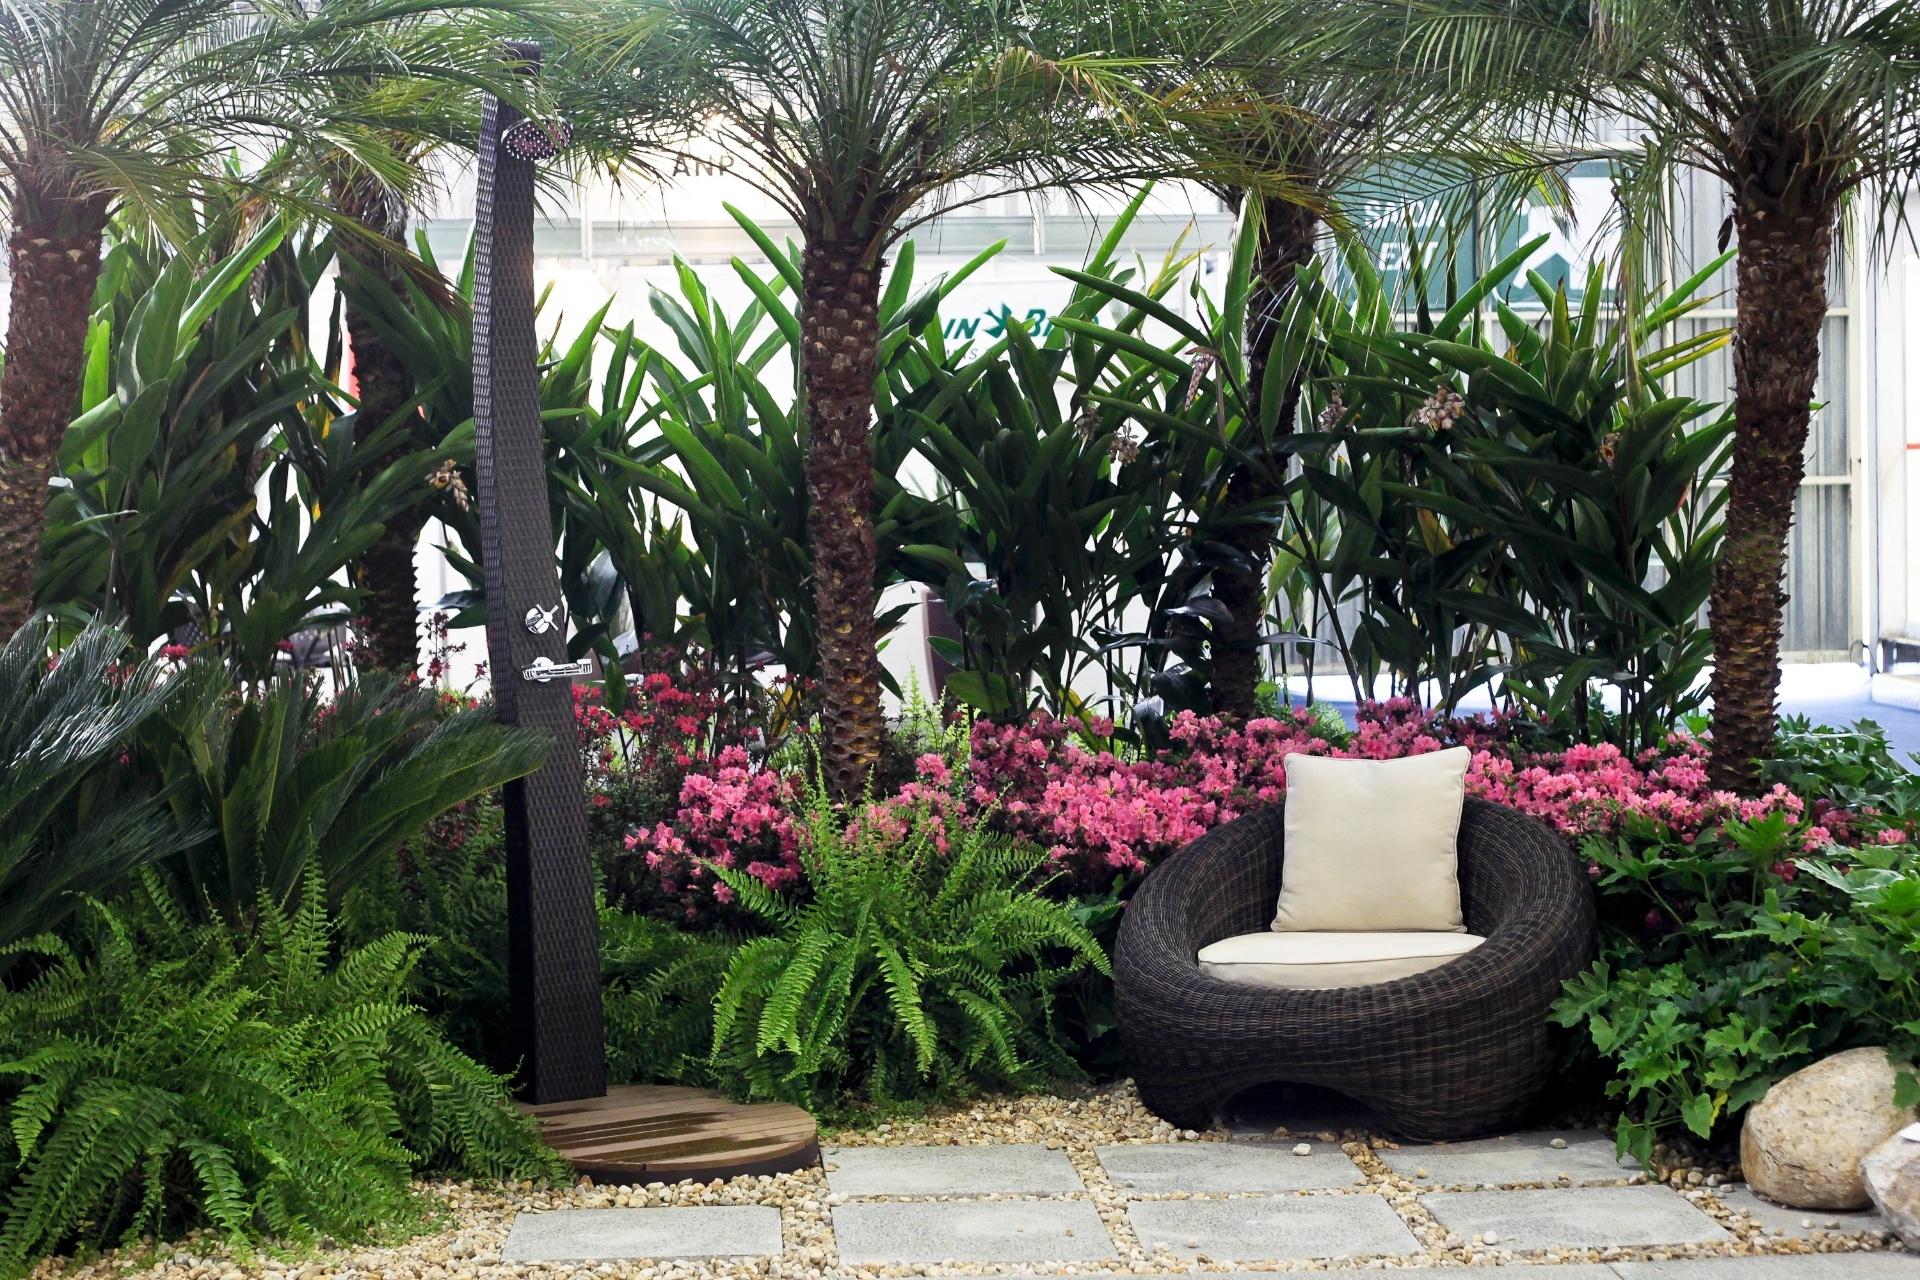 A arquiteta e paisagista Patrícia Pereira de Santana assina o jardim repleto de cicas, azaléias japônicas, palmeiras fênix, samambaias americanas e guaimbês. Ao lado da poltrona para descanso da Inter-Dim, a arquiteta inova ao colocar, entre as plantas, um chuveirão de alumínio, com base de madeira sintética, também da Inter-Dim. A mostra de paisagismo é um dos destaques da 15ª edição da Fiaflora Expogarden, no Centro de Exposições do Anhembi, em São Paulo